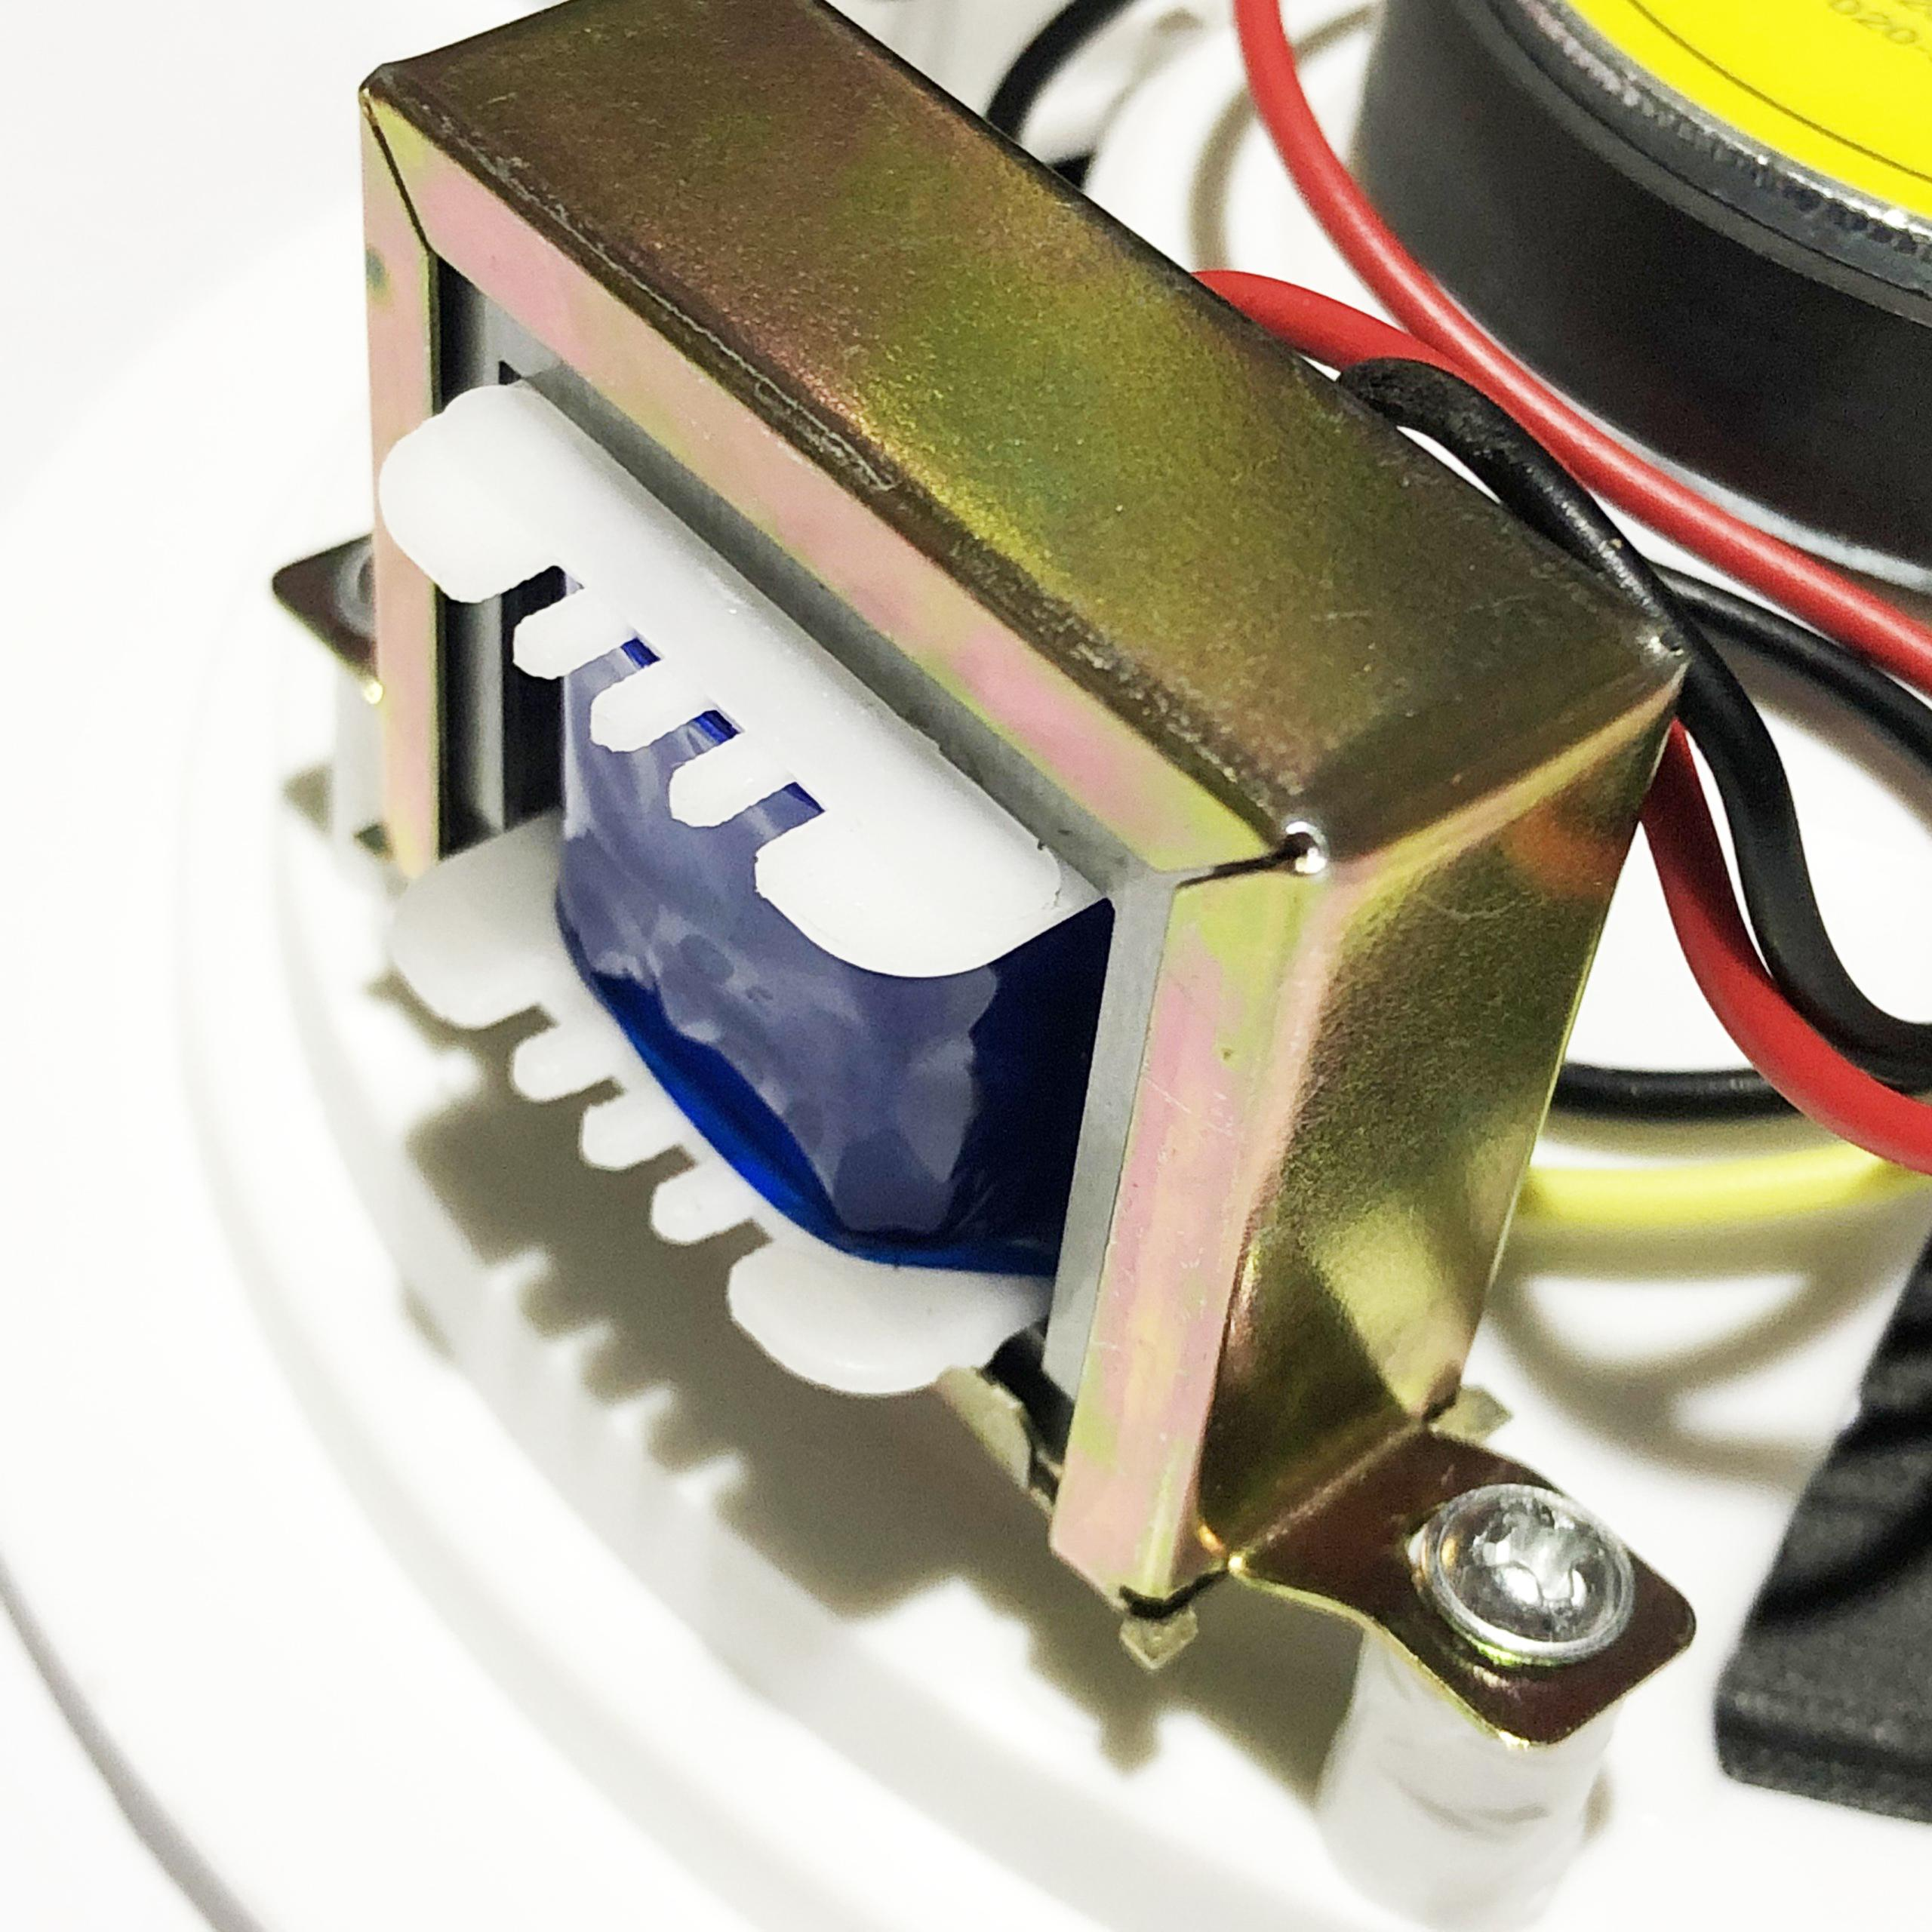 Bộ 04 Loa Âm Trần SAST Công Suất 6W Kích Thước 5 inch Mặt Tròn Lưới Mịn PD - Hàng Nhập Khẩu